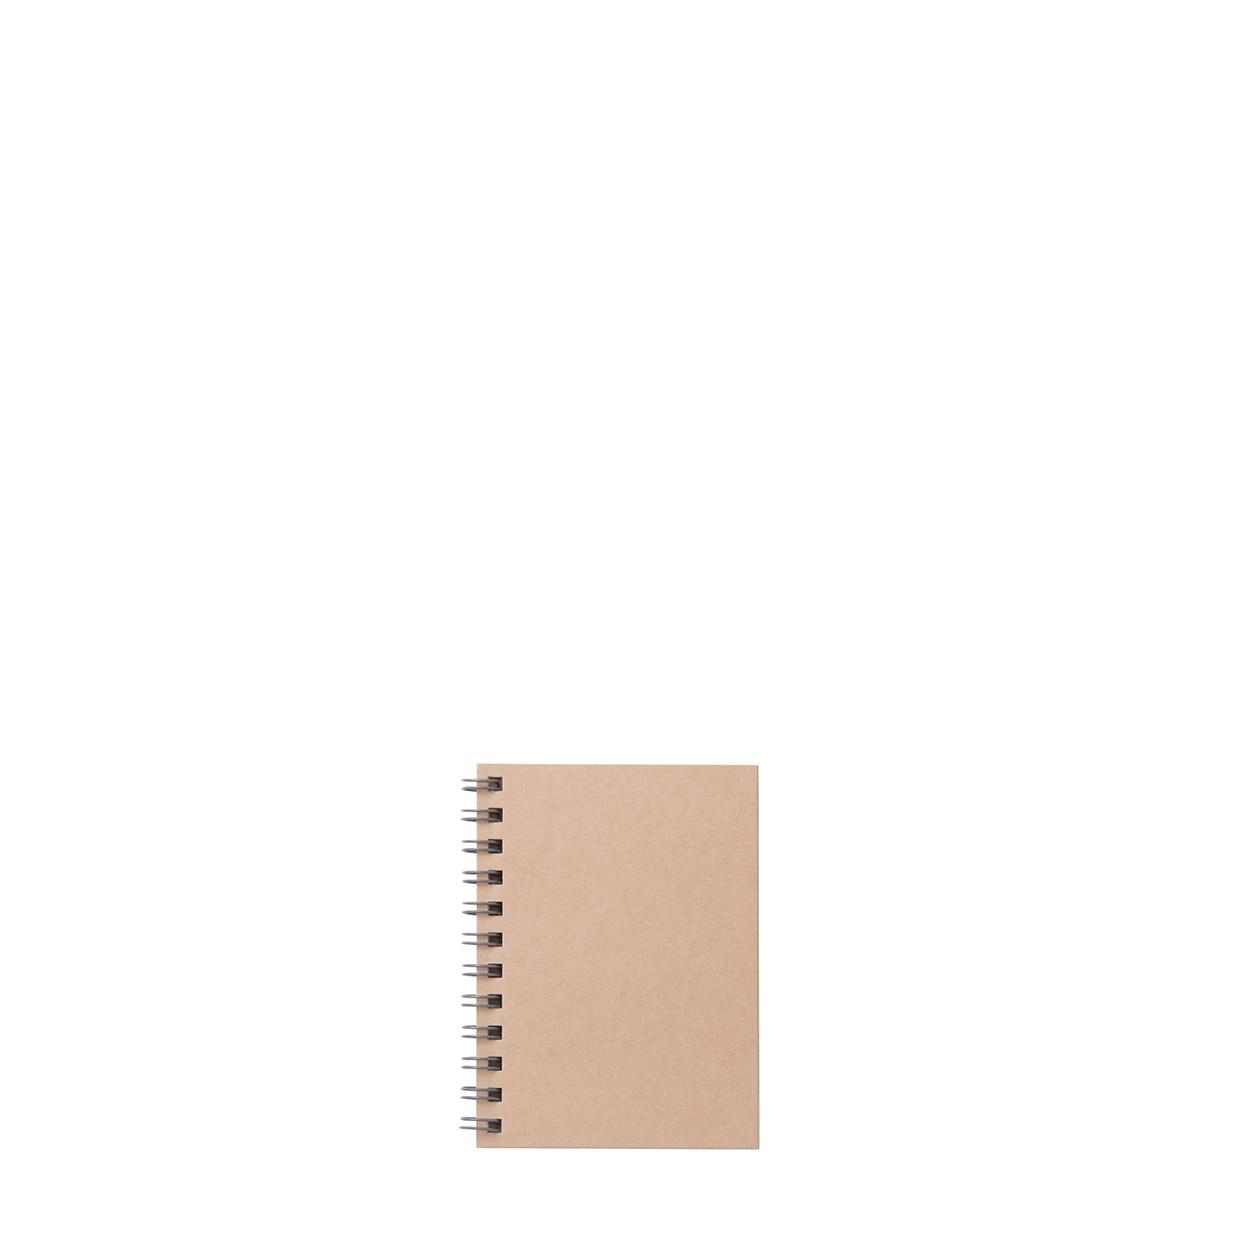 植林木ペーパー裏うつりしにくいダブルリングノート